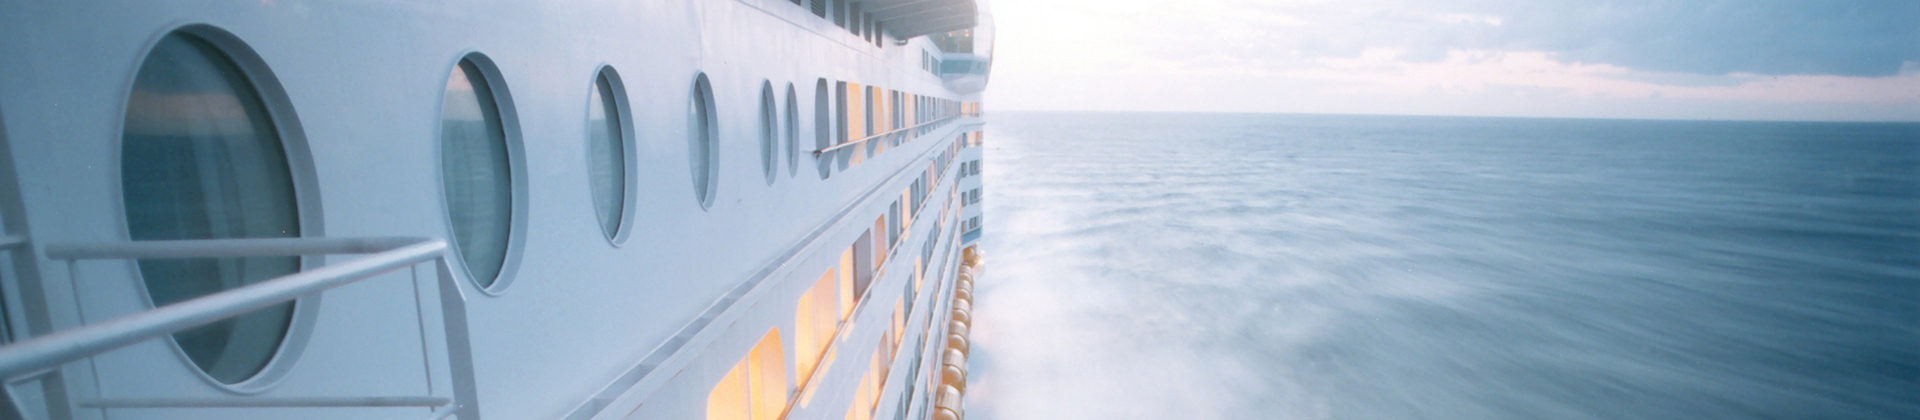 Cruise-ships-slide